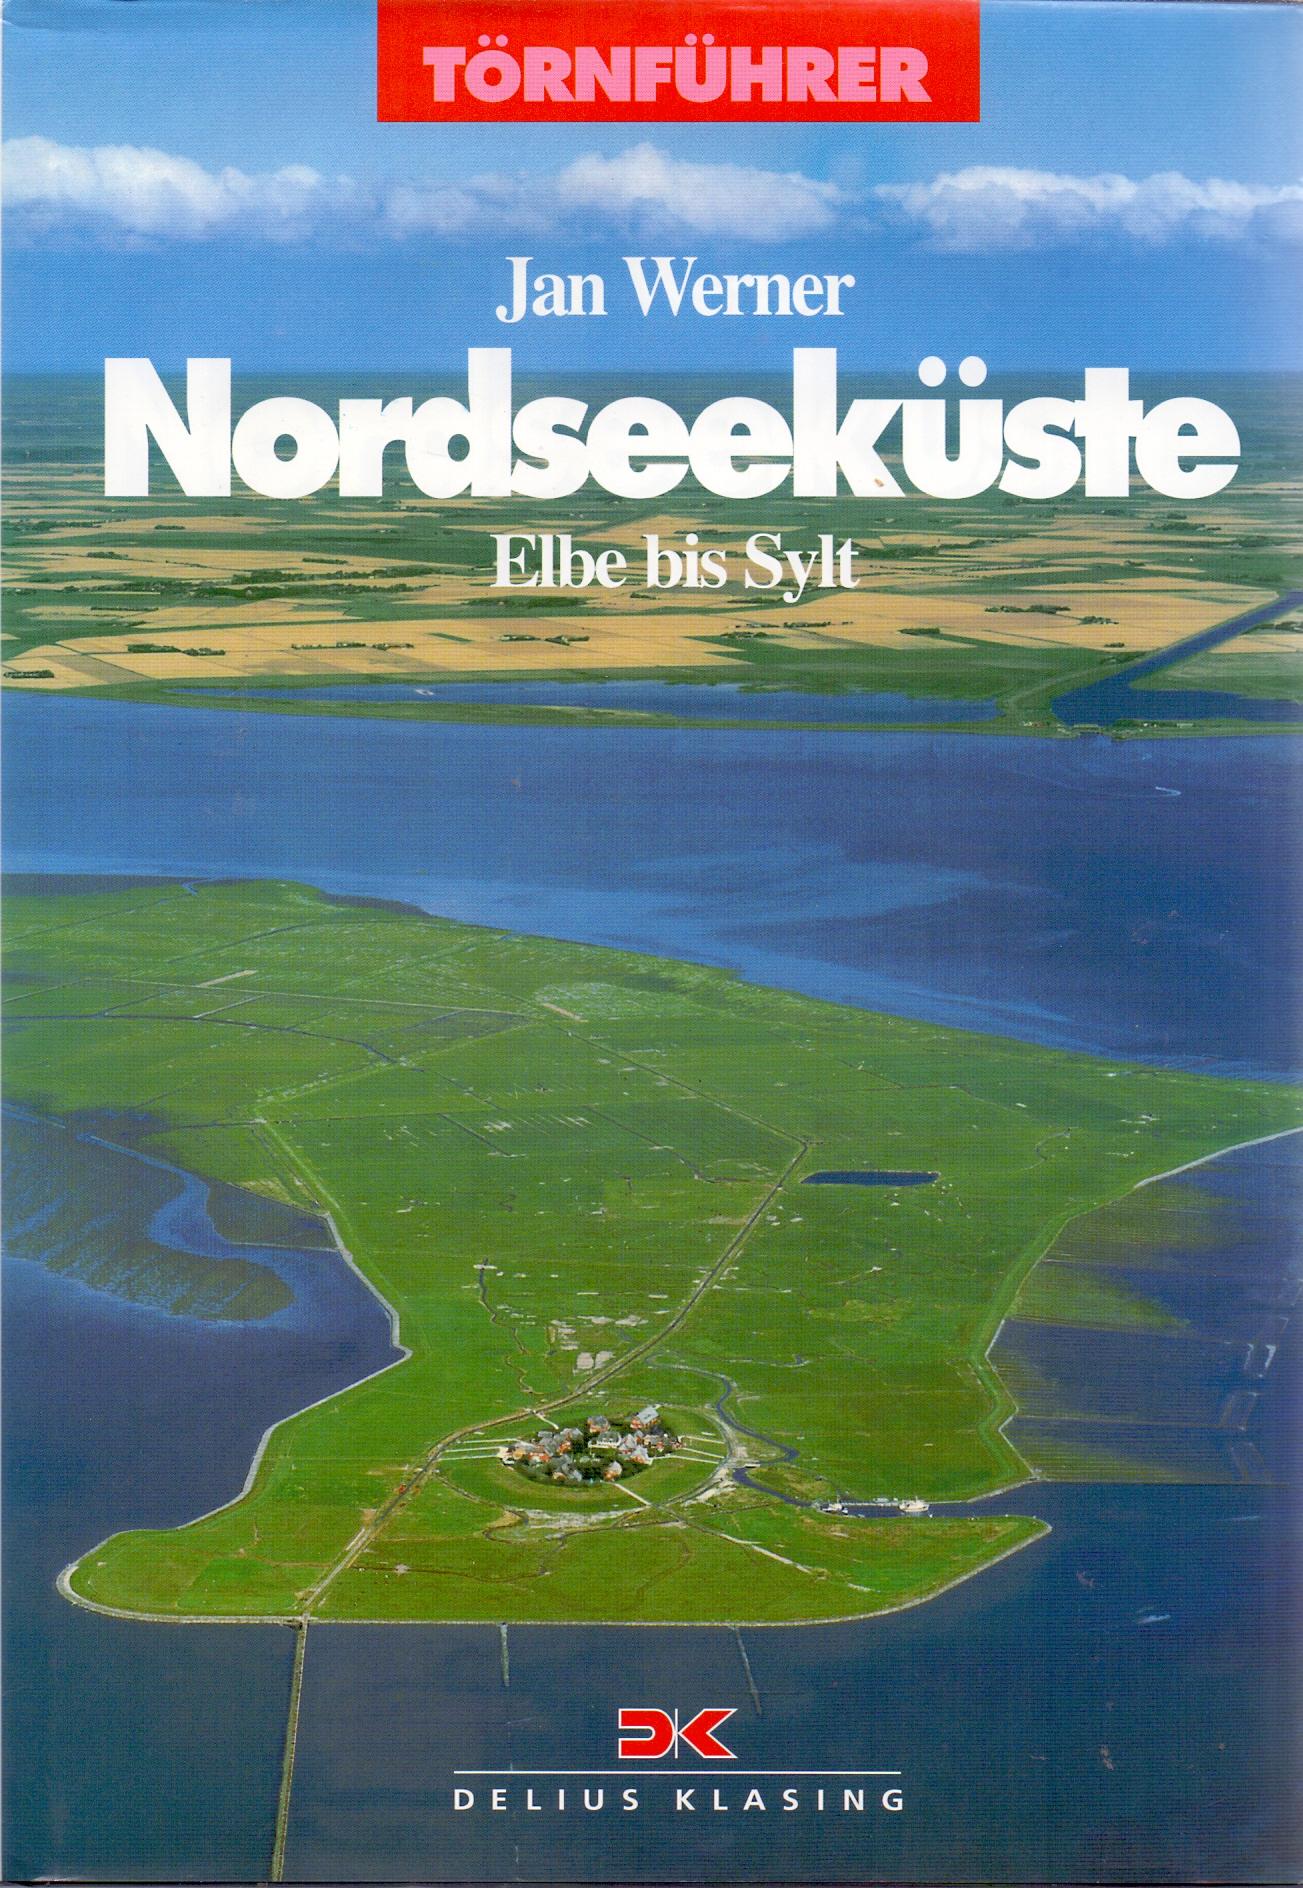 Törnführer: Die Nordseeküste - Teil 2 - Elbe bis Sylt - Jan Werner [Gebundene Ausgabe, 2. Auflage 1997]